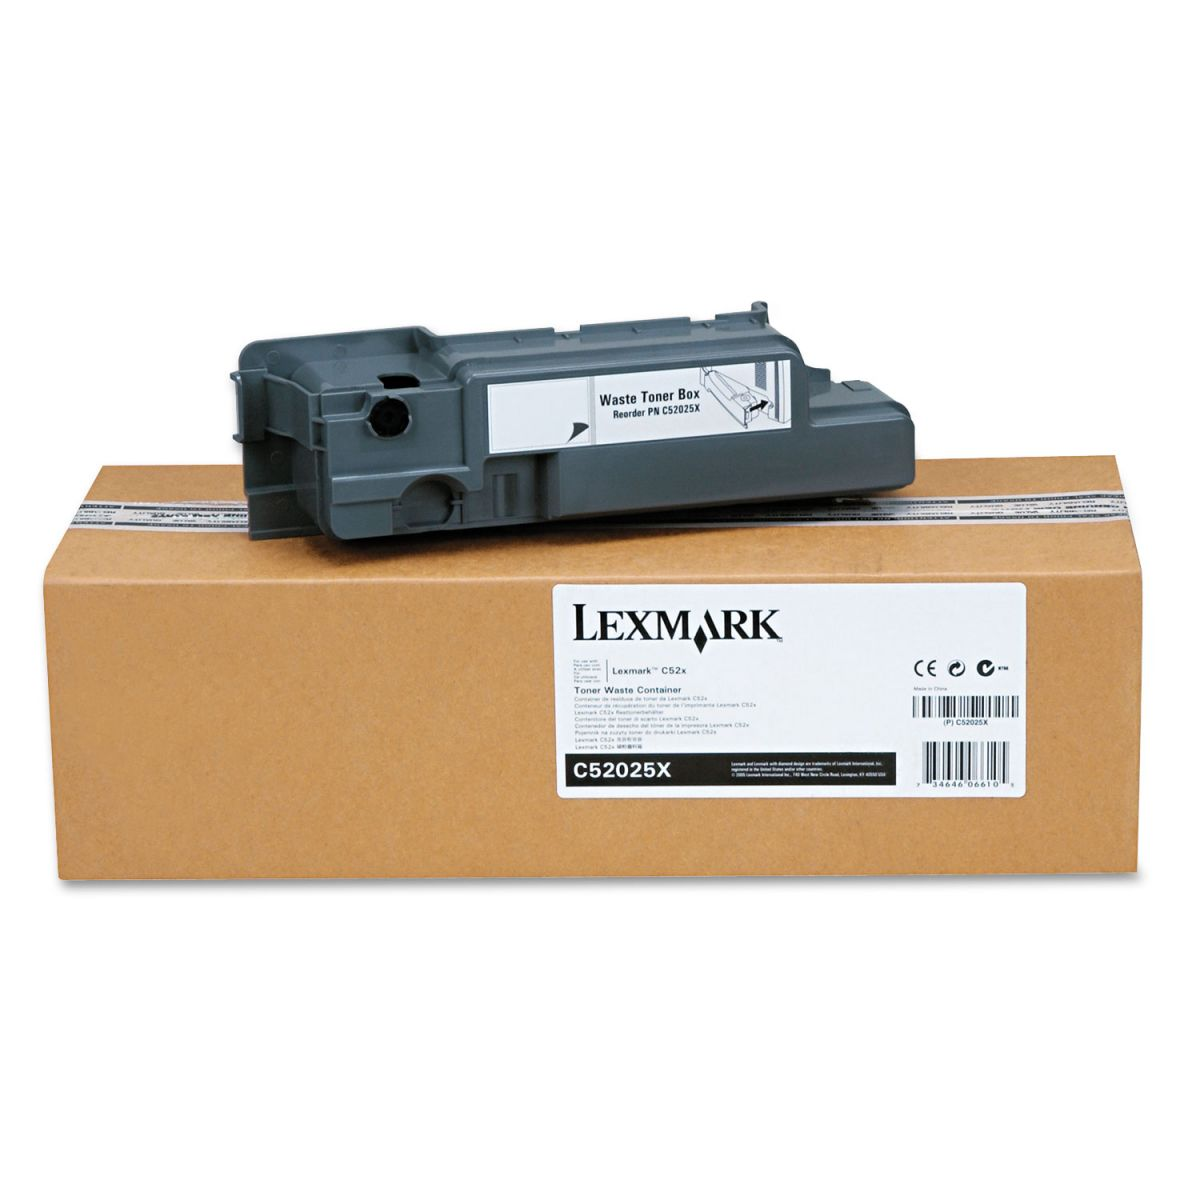 Recipiente de Resíduos Lexmark C52025x